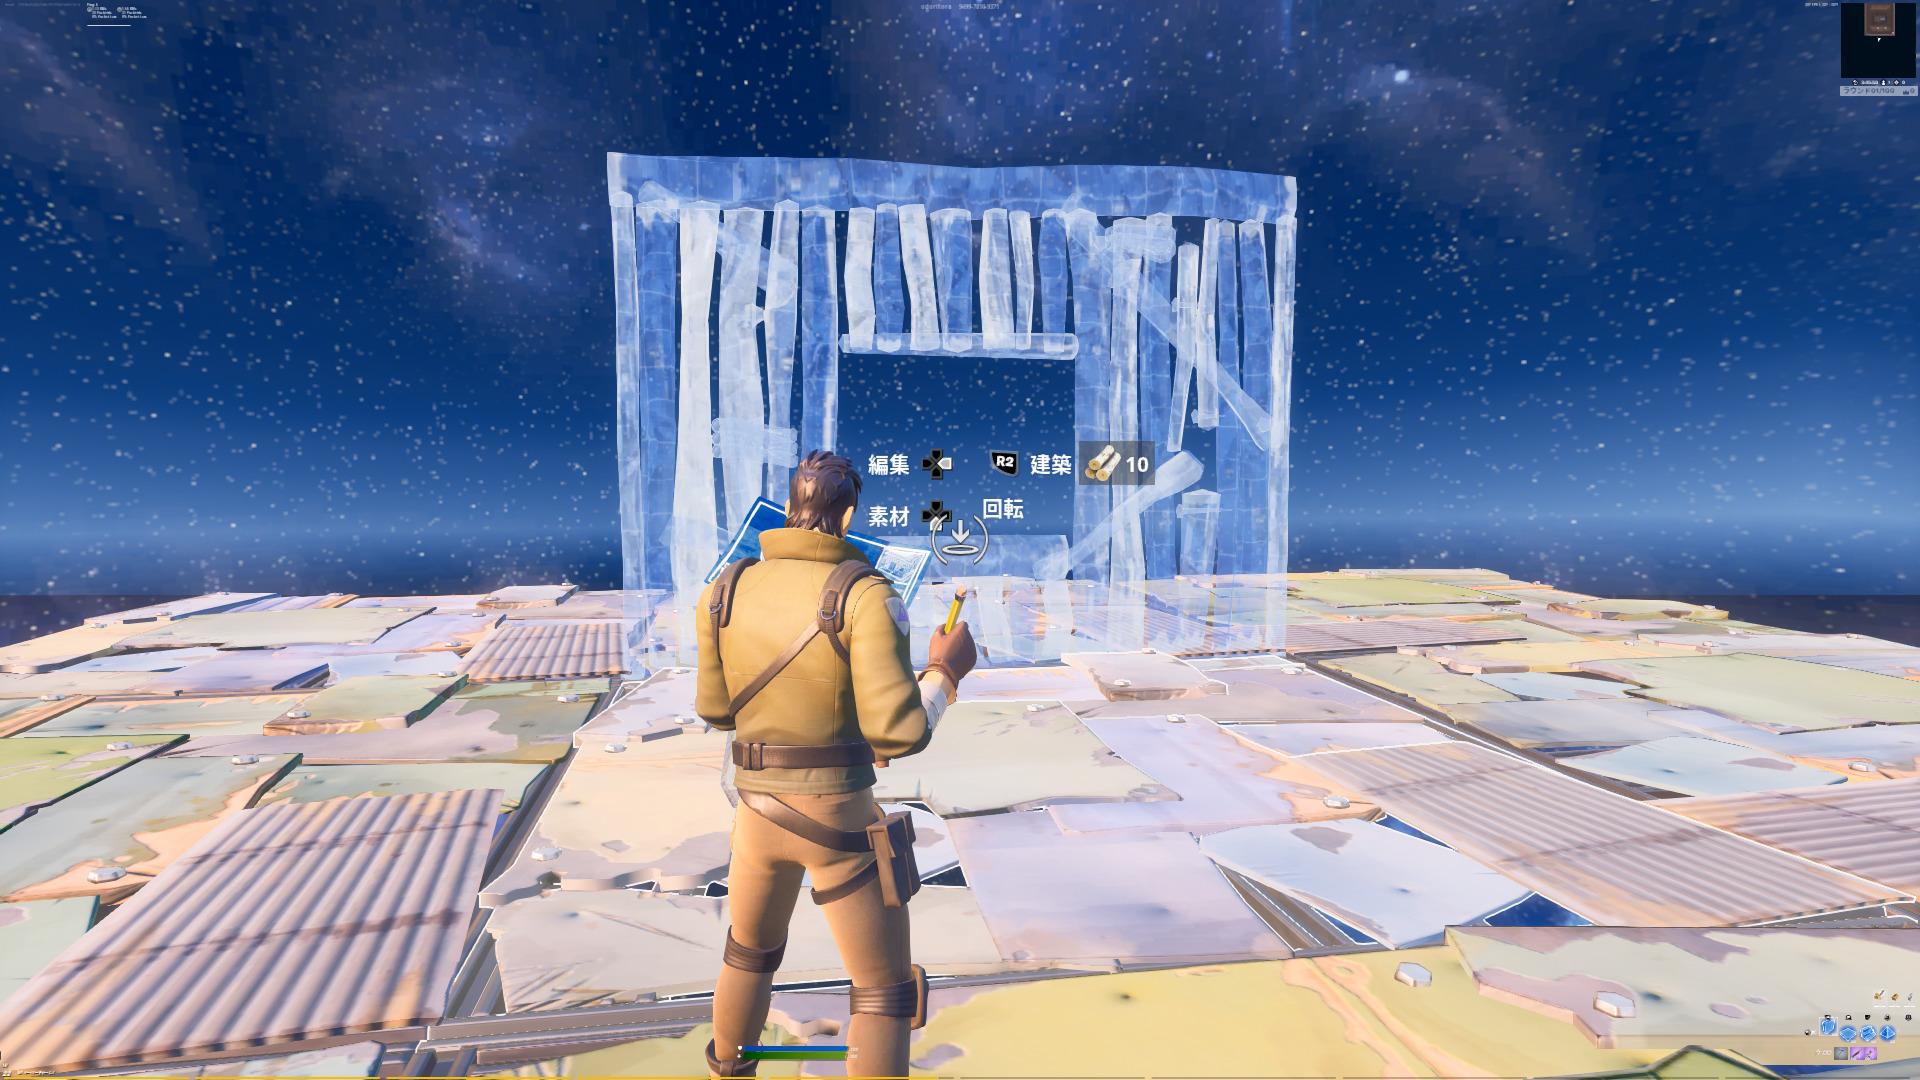 【フォートナイト】「建築モードに入る際に編集をリセット」の意味について徹底解説!